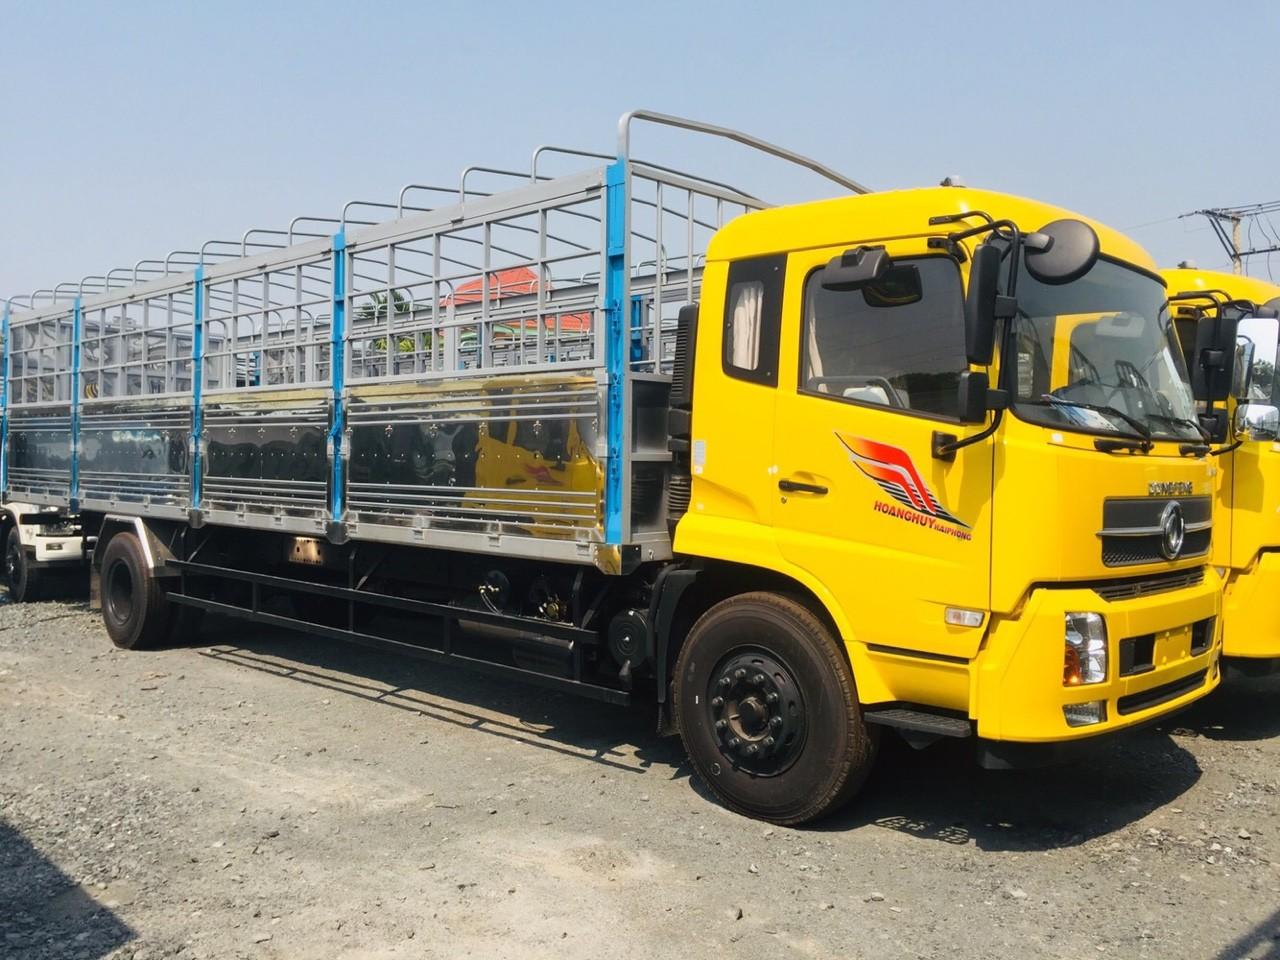 xe tải Dongfeng B180 nhập khẩu - Dongfeng 8 tấn thùng dài 9m5